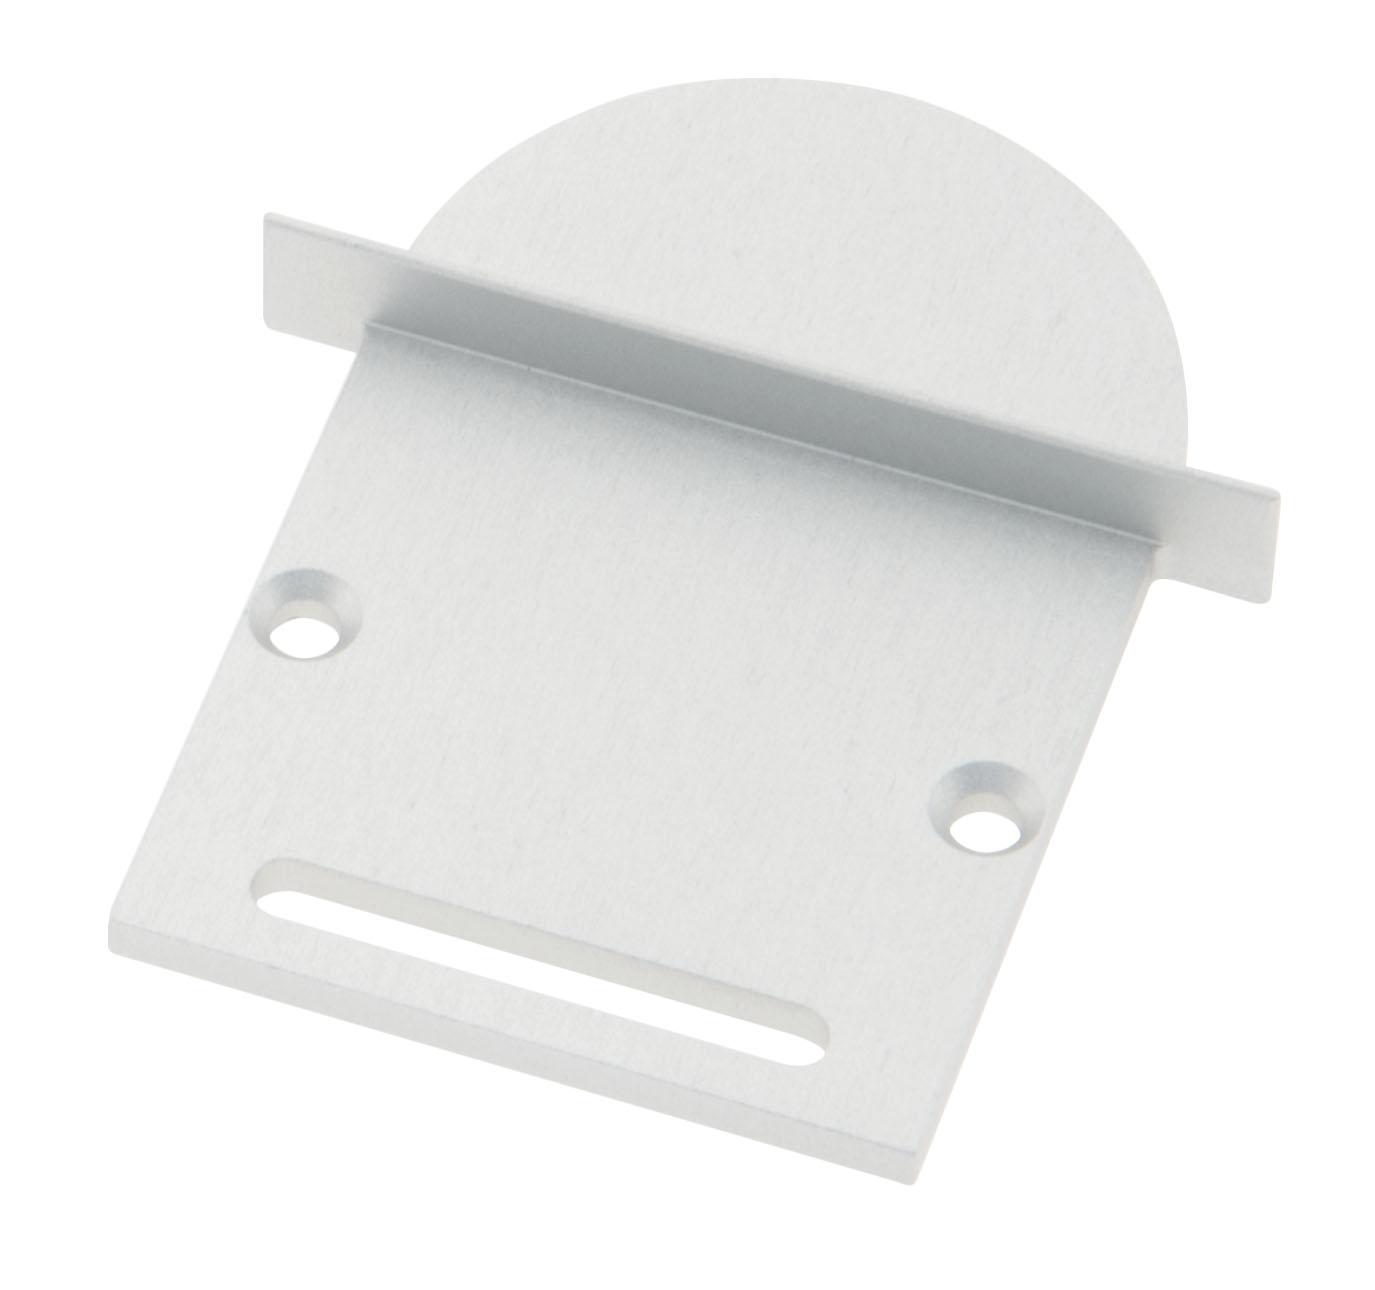 1 Stk Profil Endkappe CLI Rund mit Langloch inkl. Schrauben LIEK006311